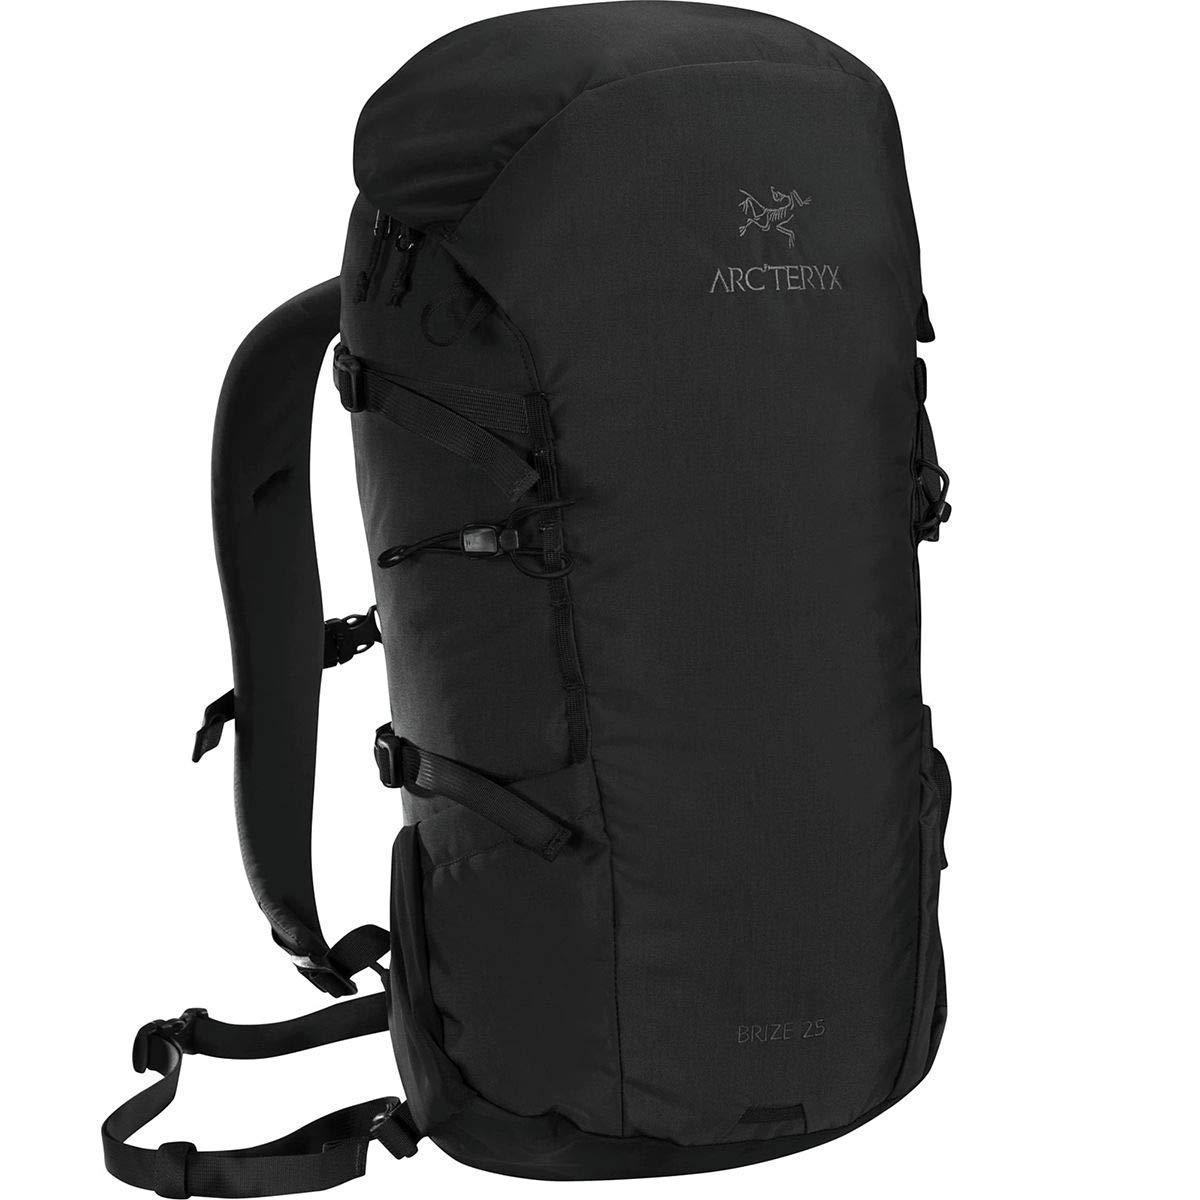 [アークテリクス] メンズ バックパックリュックサック Brize 32L Backpack [並行輸入品] B077YVVB9L  Reg